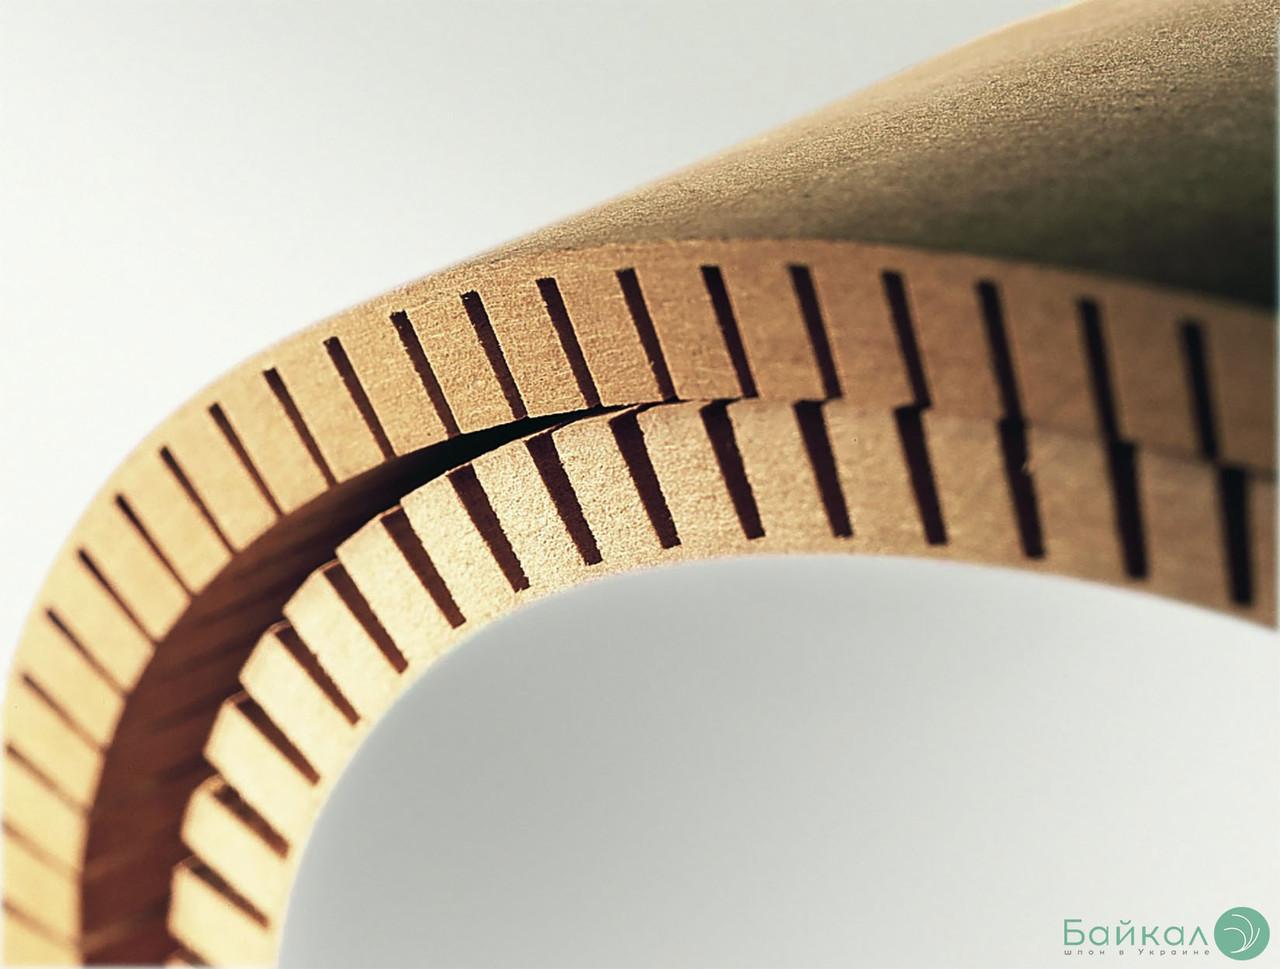 МДФ плита гнучка з прорізом 8 мм 2,85х1,03 м - поздовжнє кручення